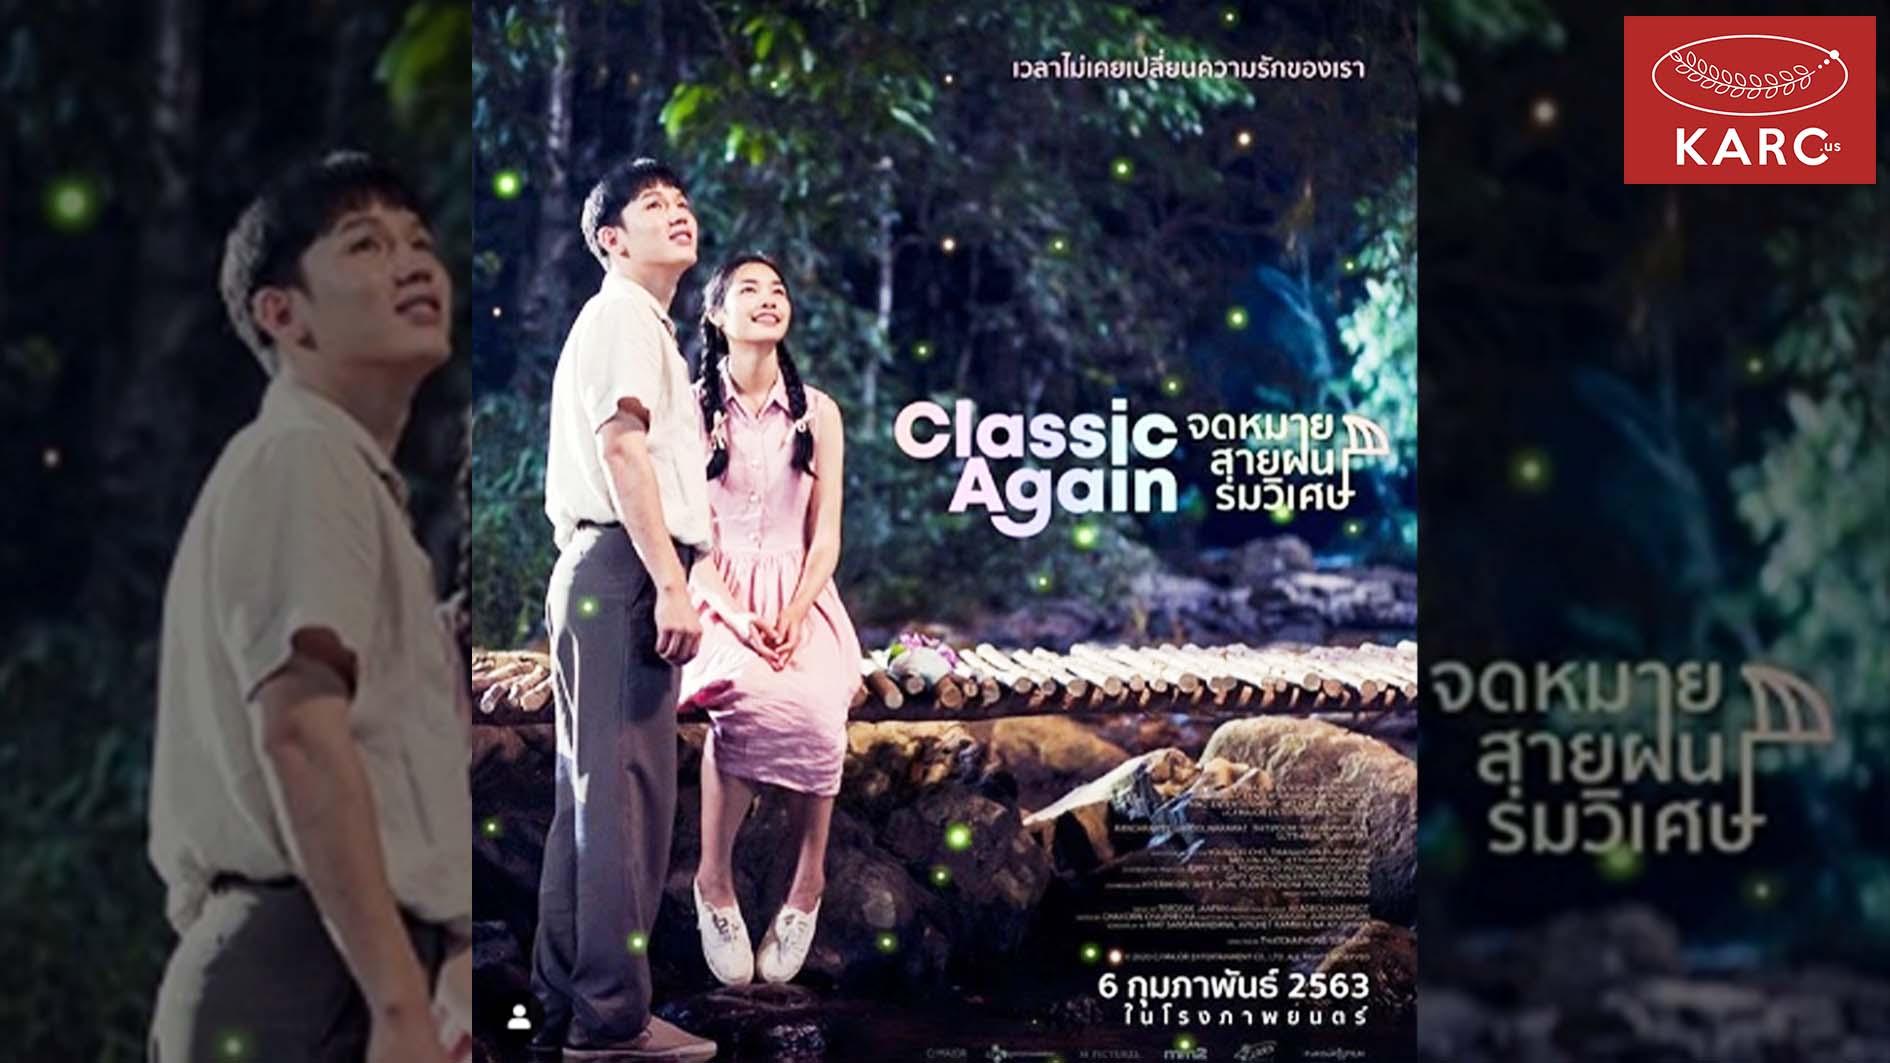 'มิ้นท์ รัญชน์รวี' ถ่ายทอดอารมณ์รักหวานซึ้งผ่านผลงานสุดตราตรึง 'Classic Again' - Karc.us